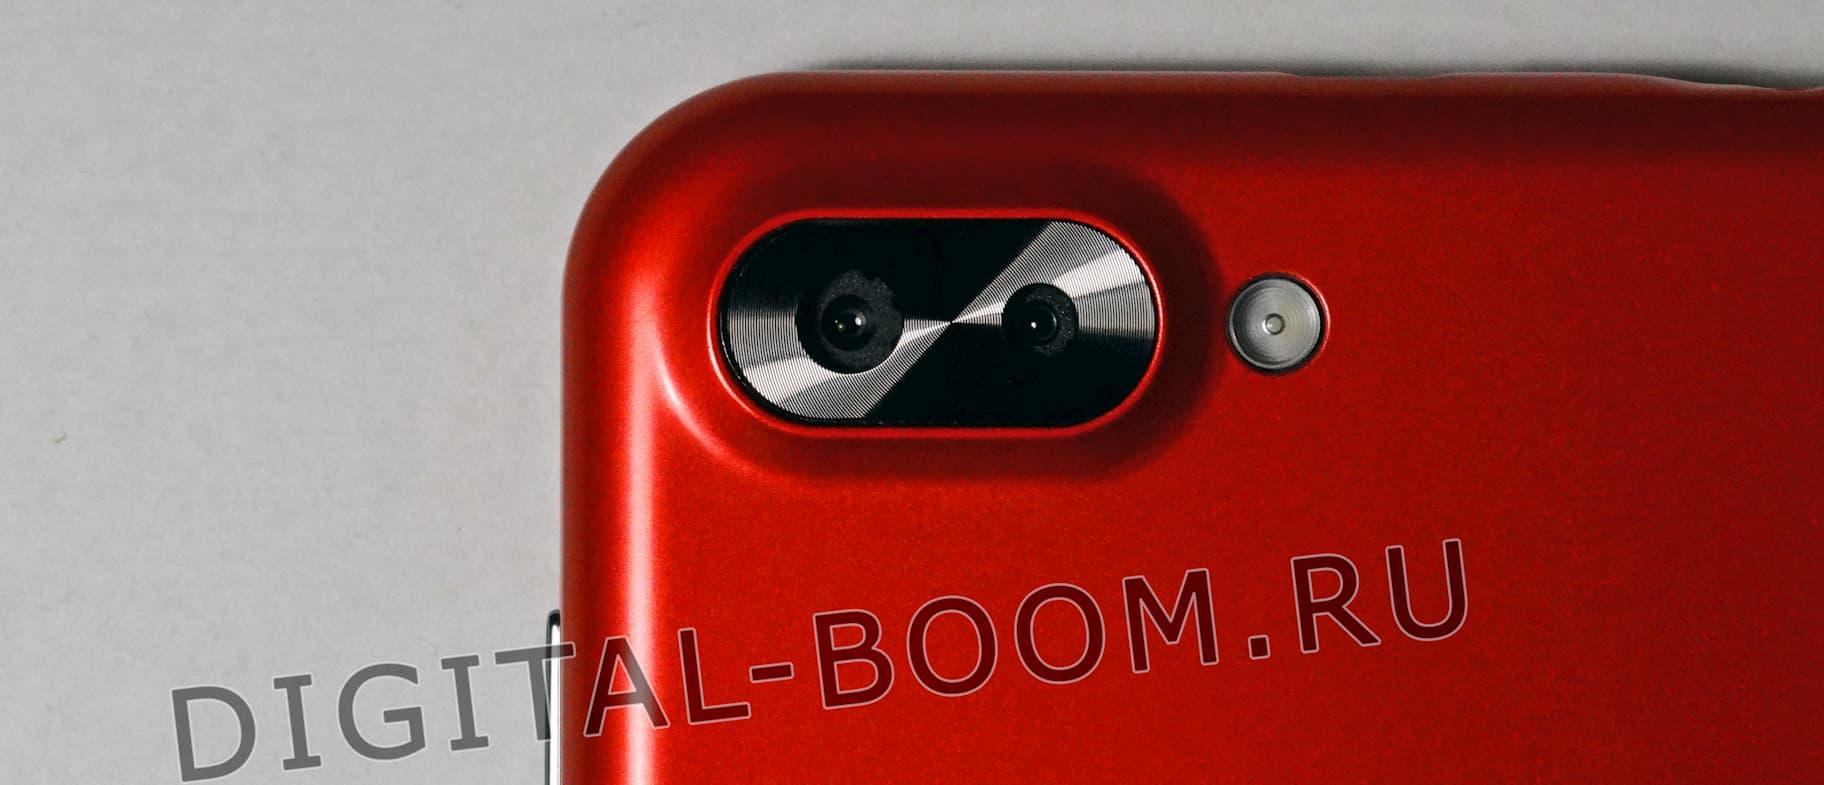 камера смартфона kPhone